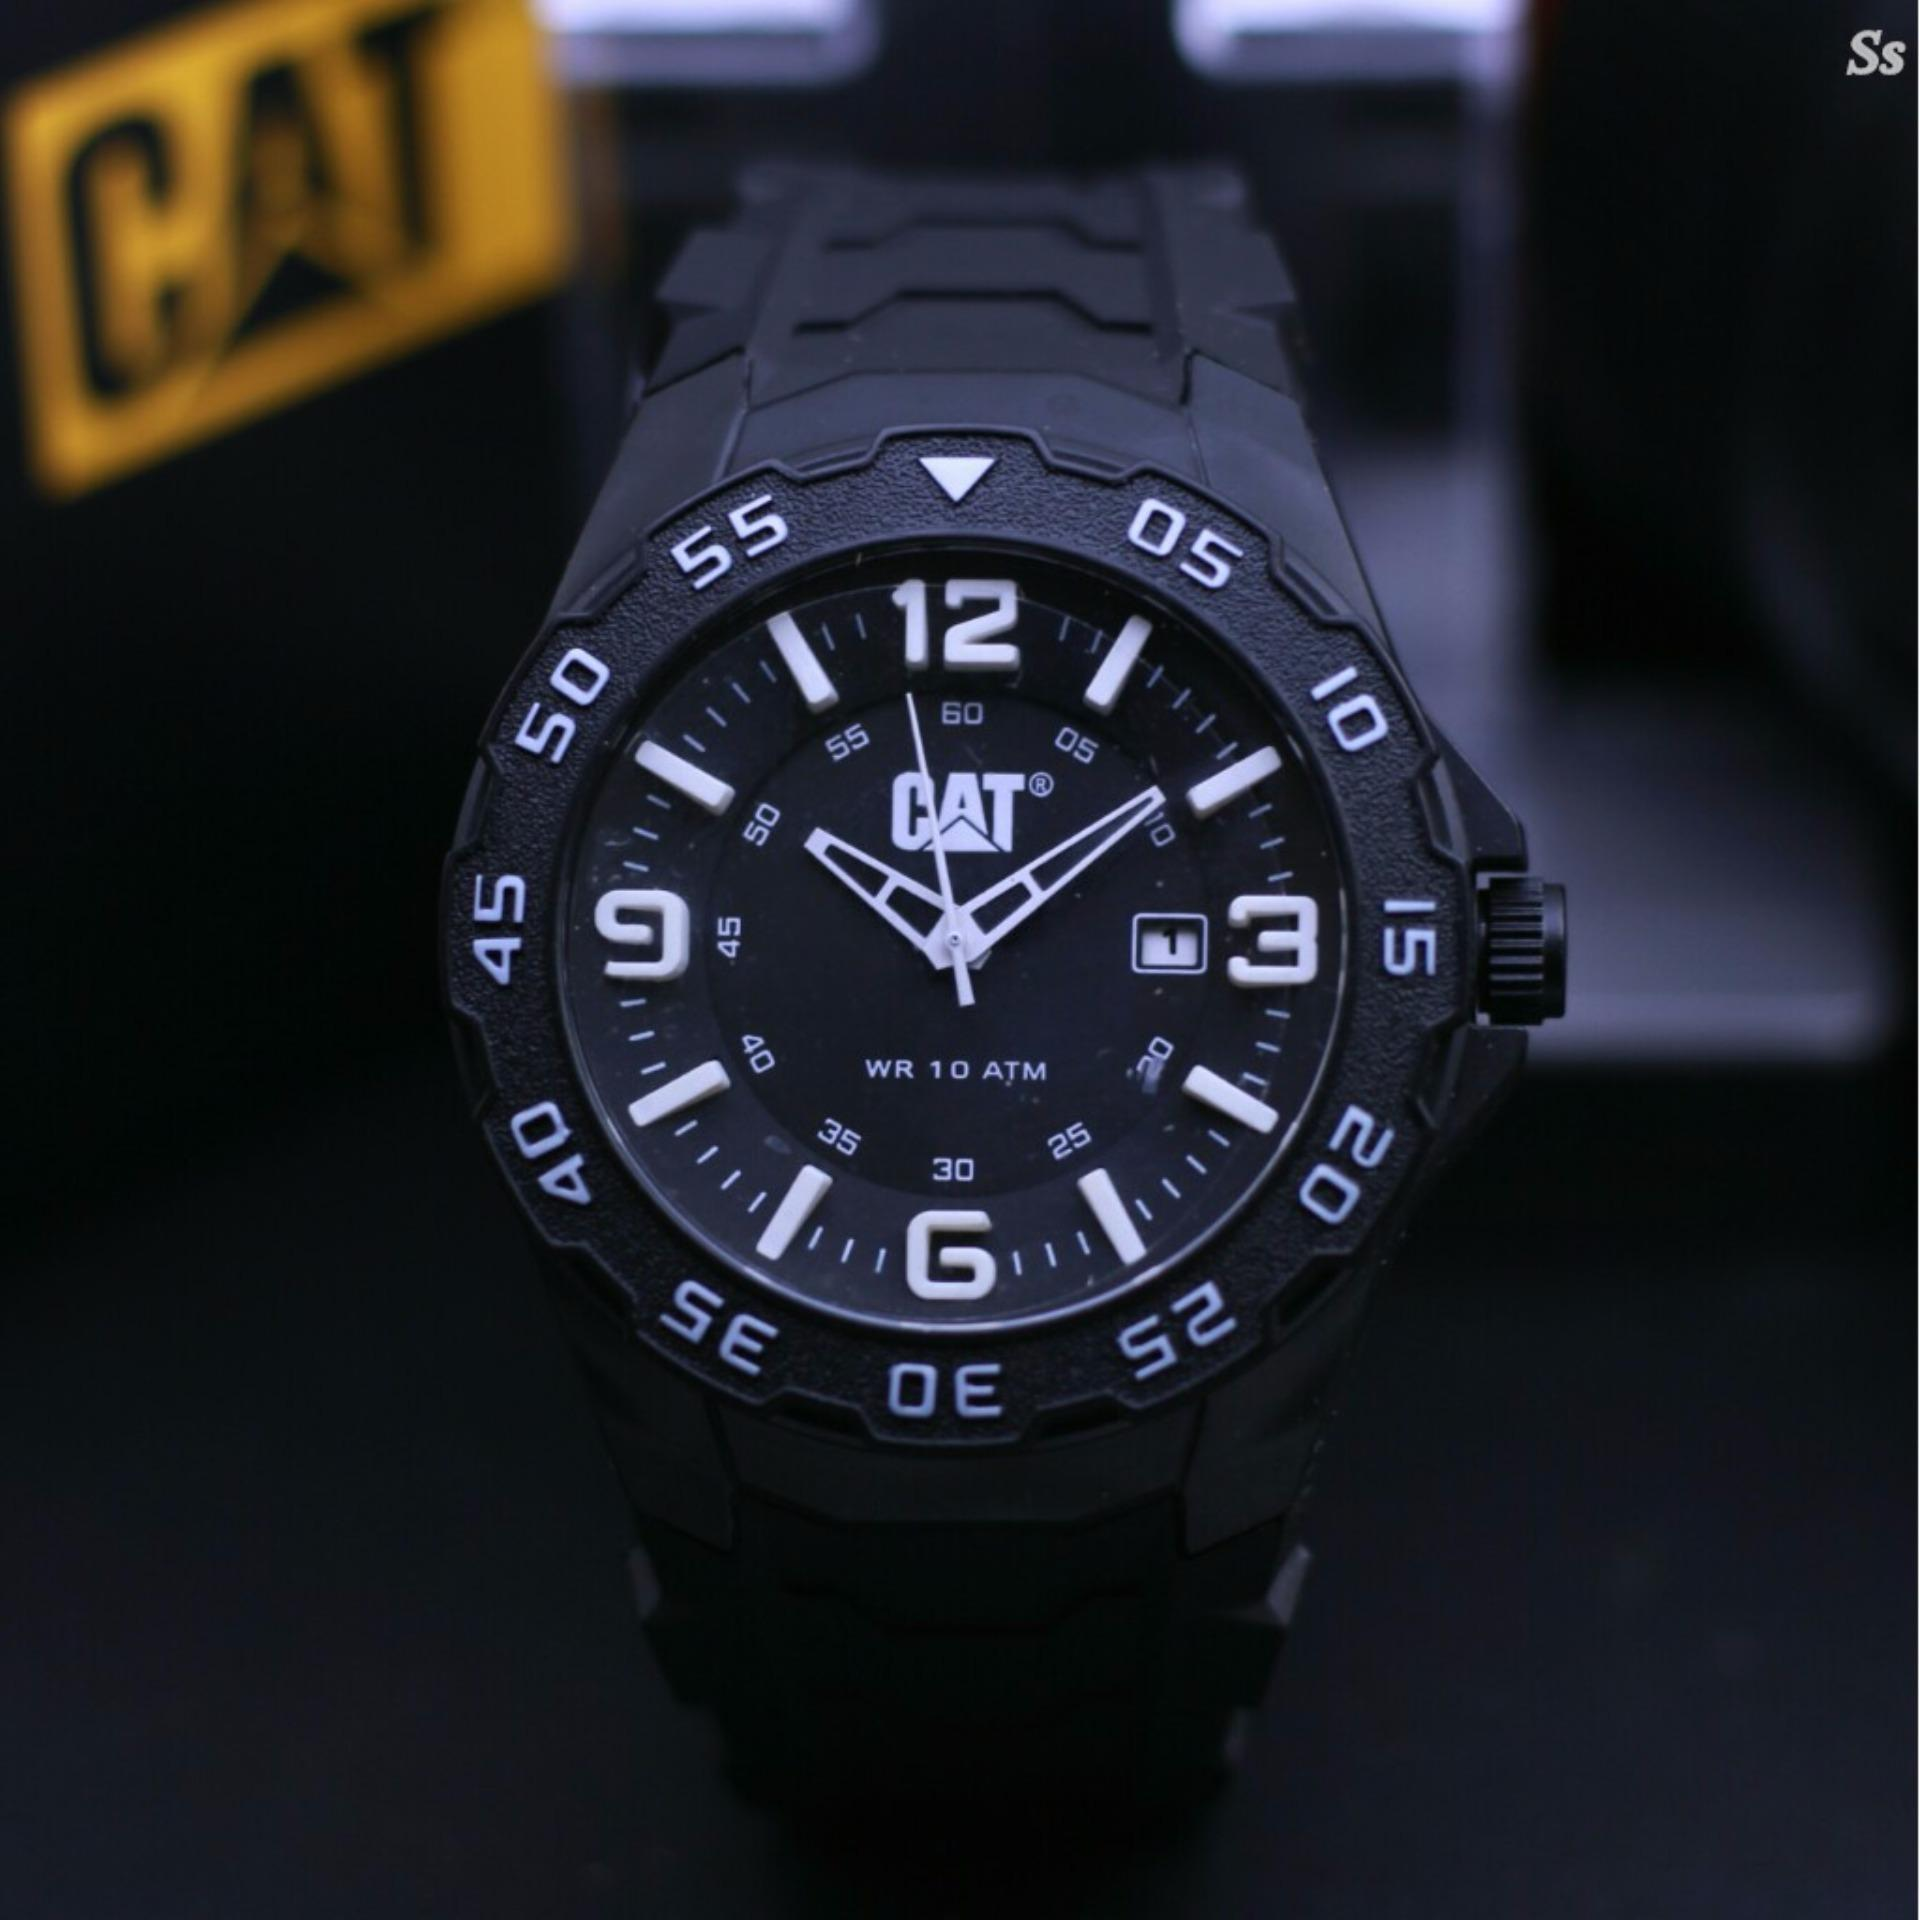 Jam tangan Pria Model Trendy Casual Leather strap kualitas super